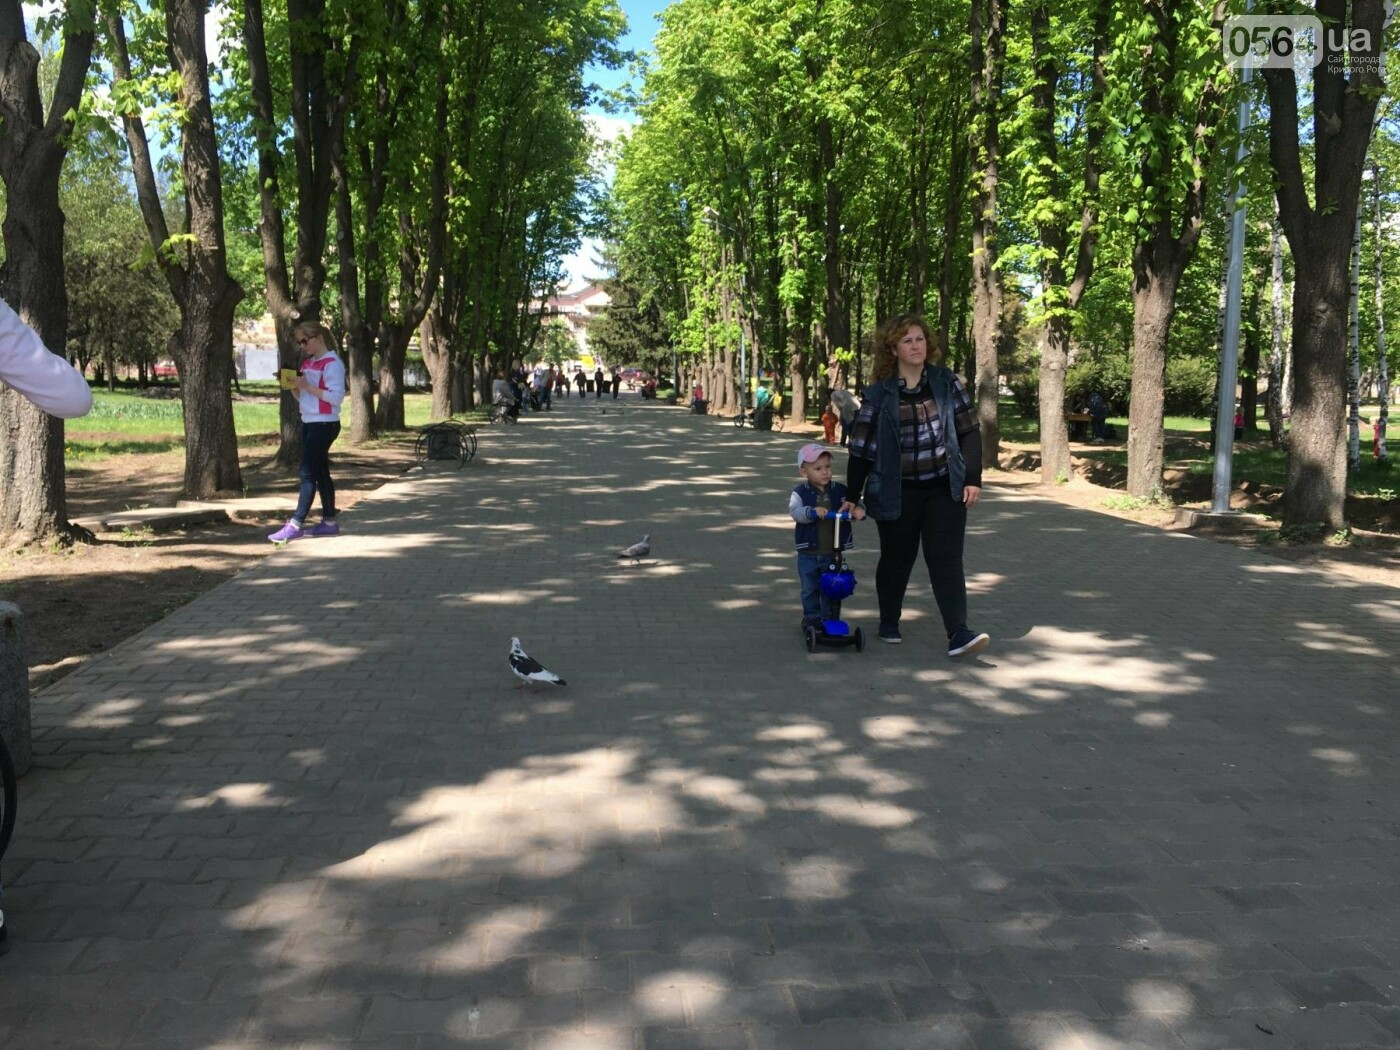 """""""В Европу без мусора!"""": криворожане помогли подготовить парк к Еврофесту (ФОТО), фото-55"""